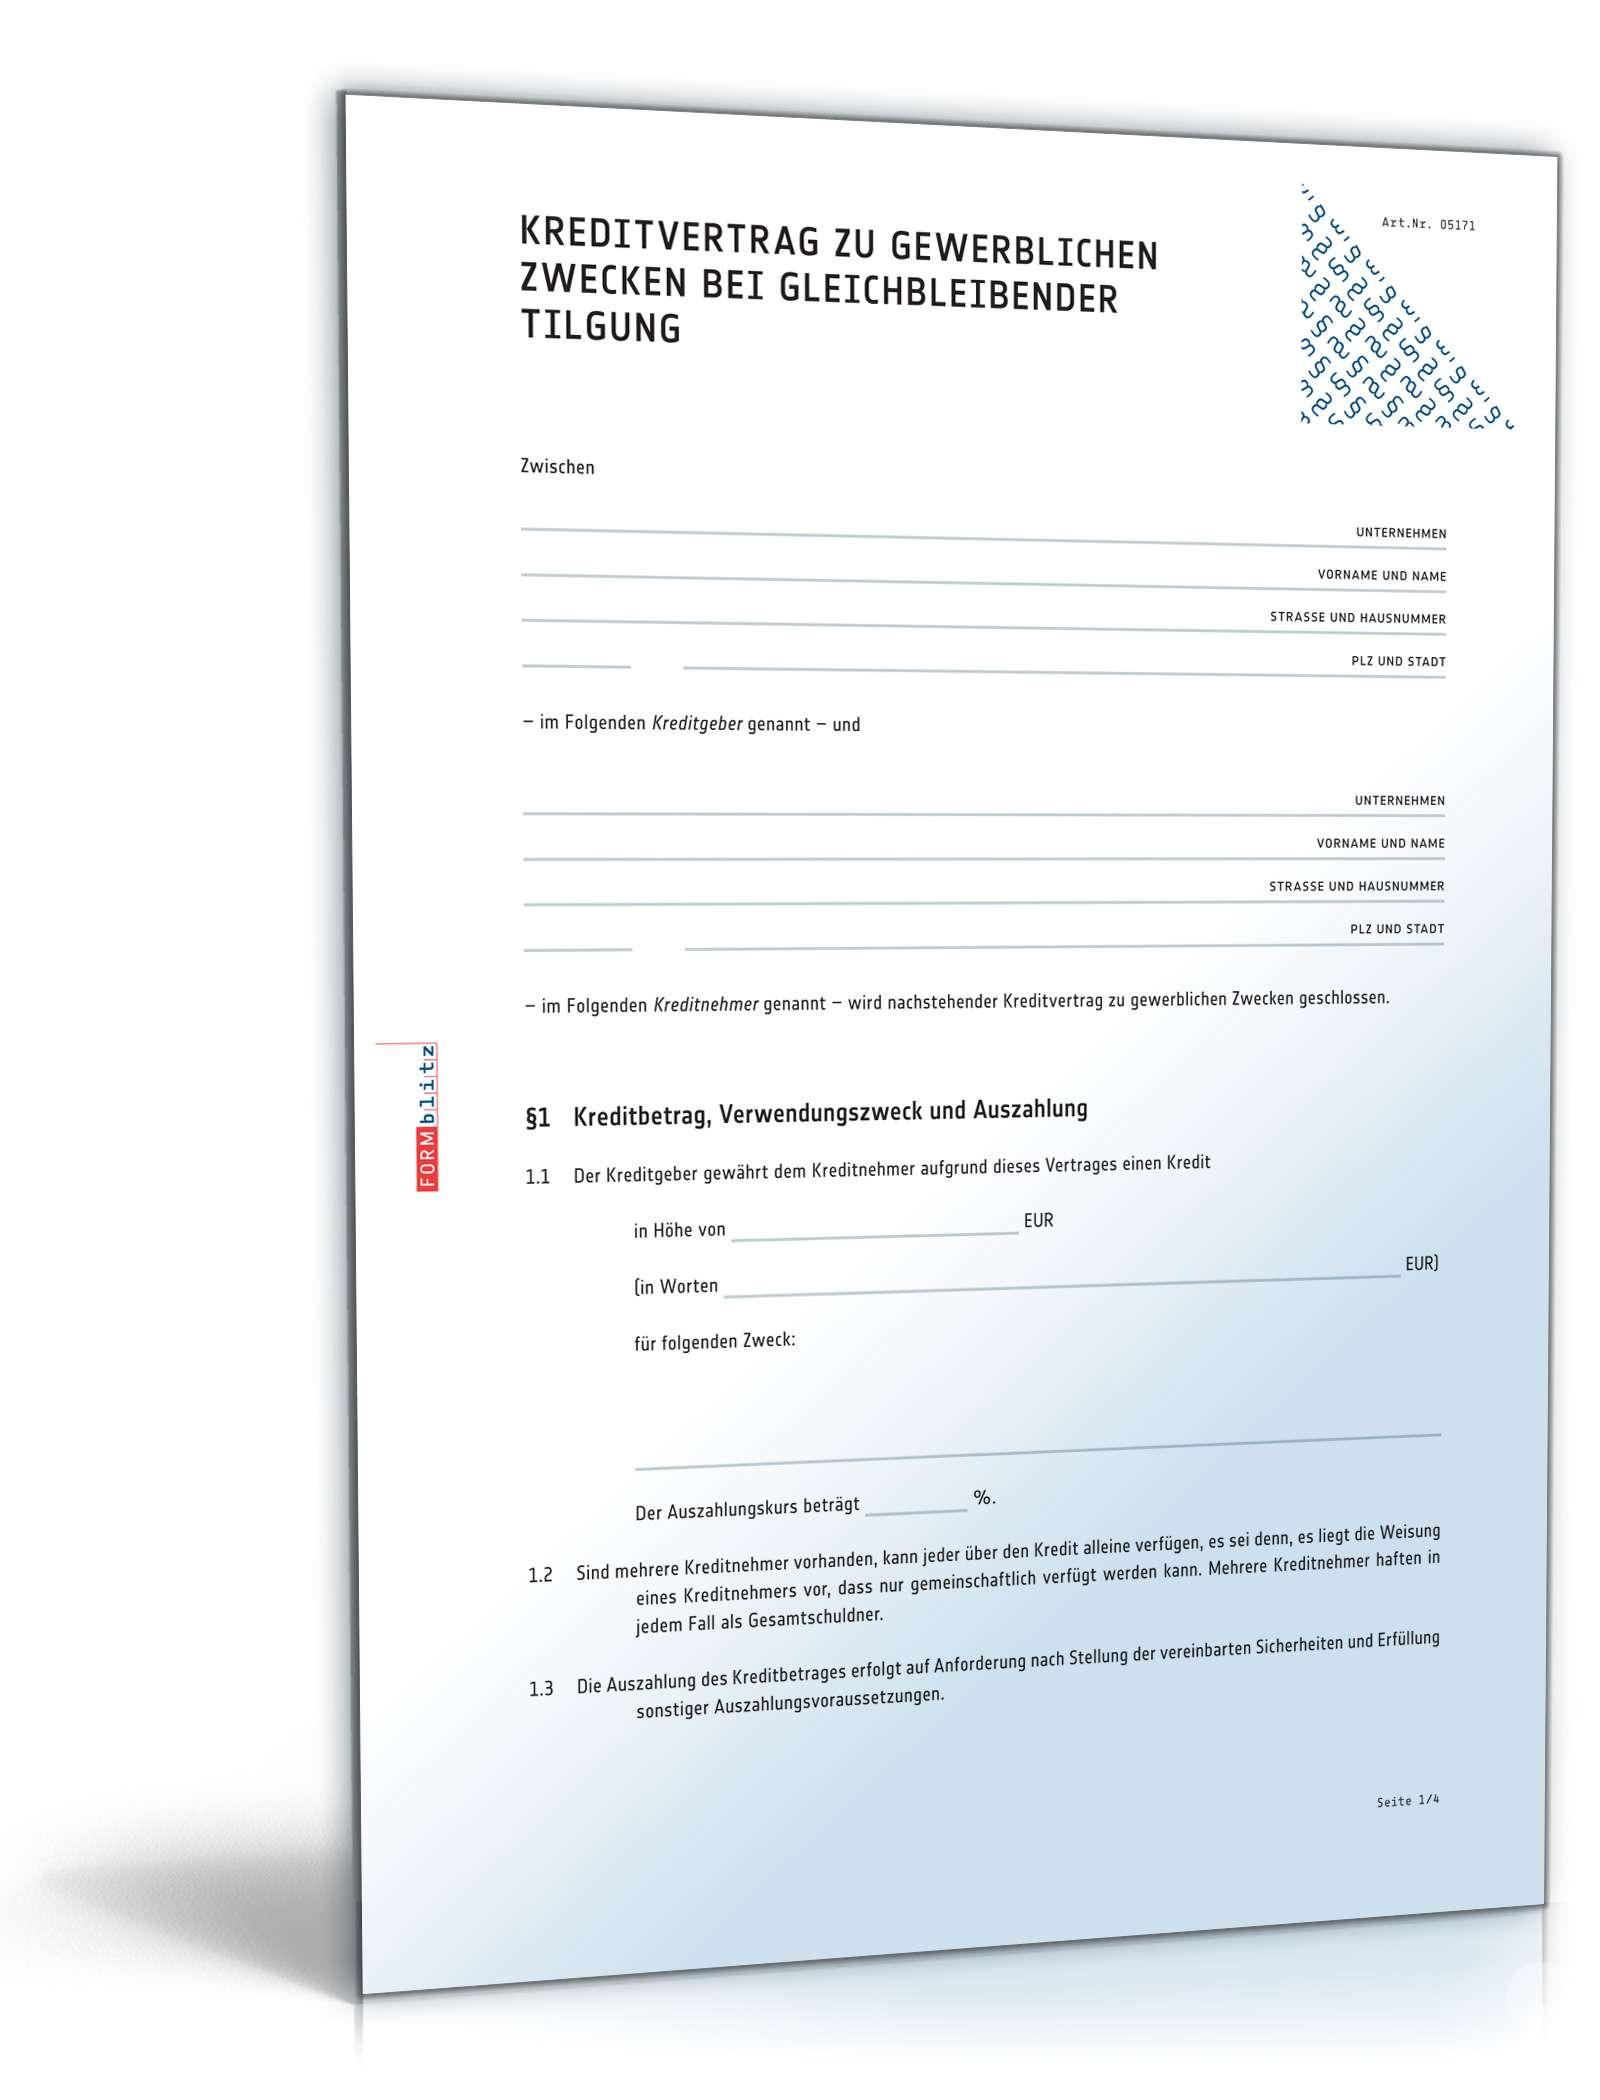 Kreditvertrag gewerblich bei gleichbleibender Tilgung